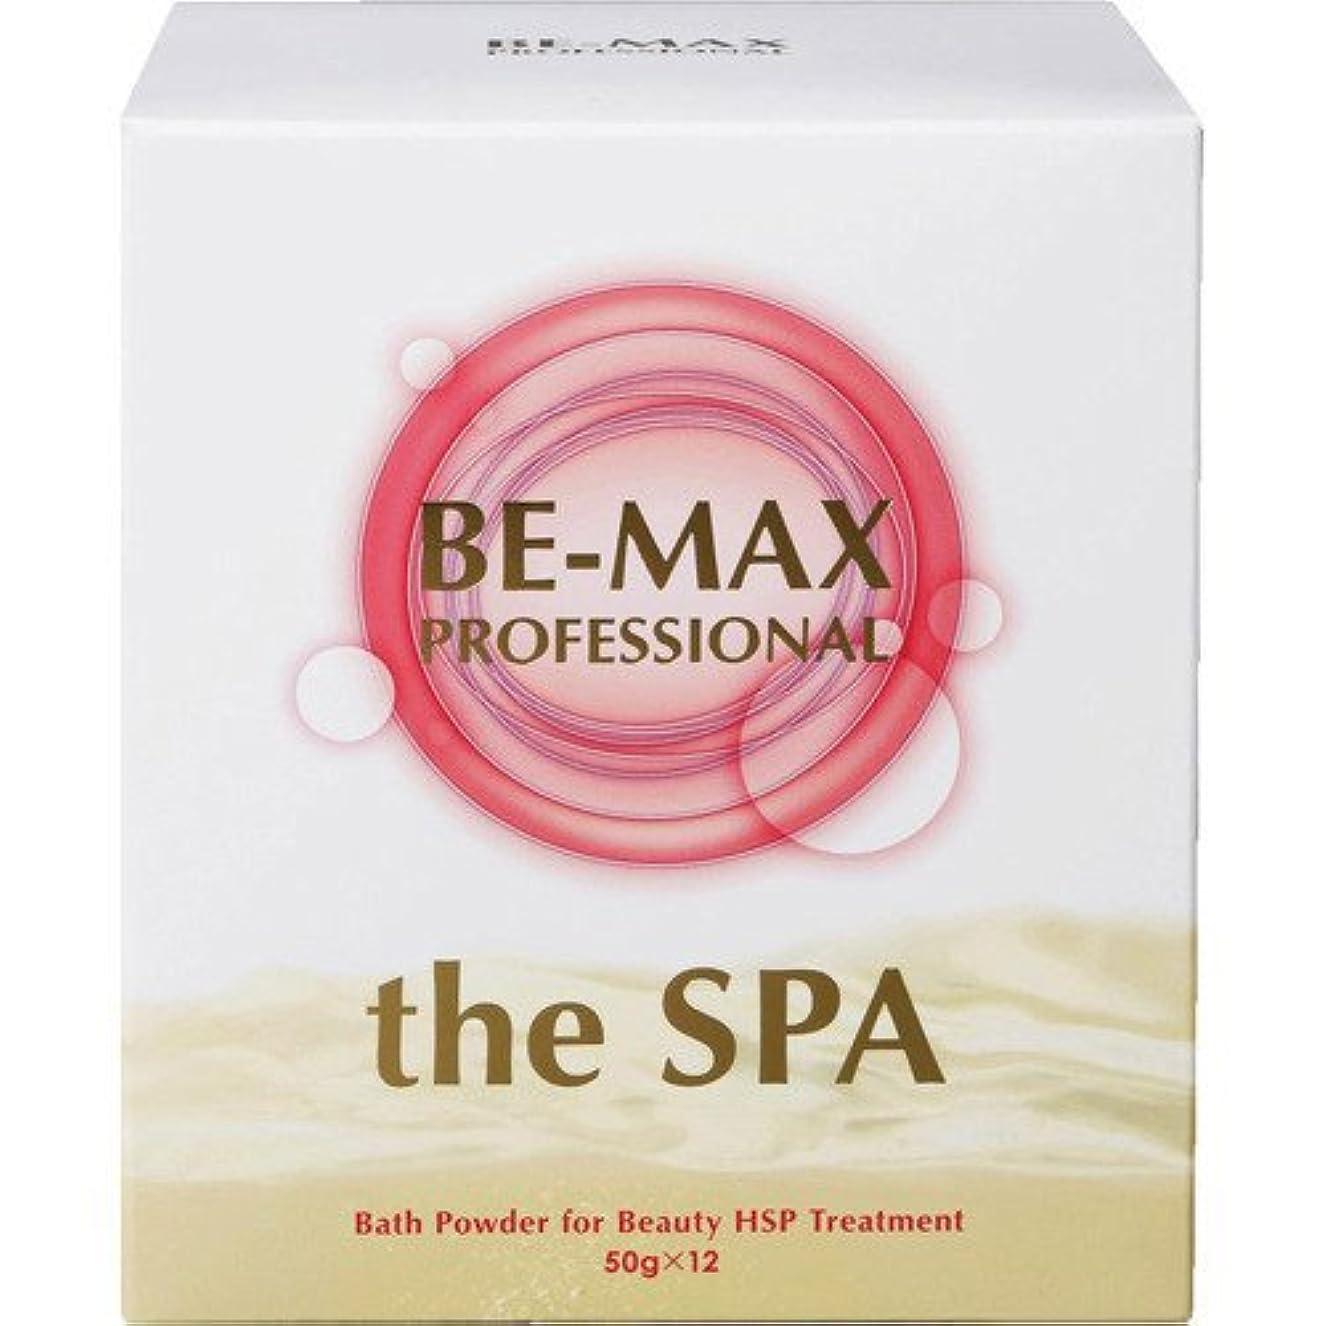 包括的調和穀物BE-MAX PROFESSIONAL the SPA(ザ?スパ) ビーマックスプロフェッショナル ザ?スパ バスパウダー 50gx12包 (4571132621587)